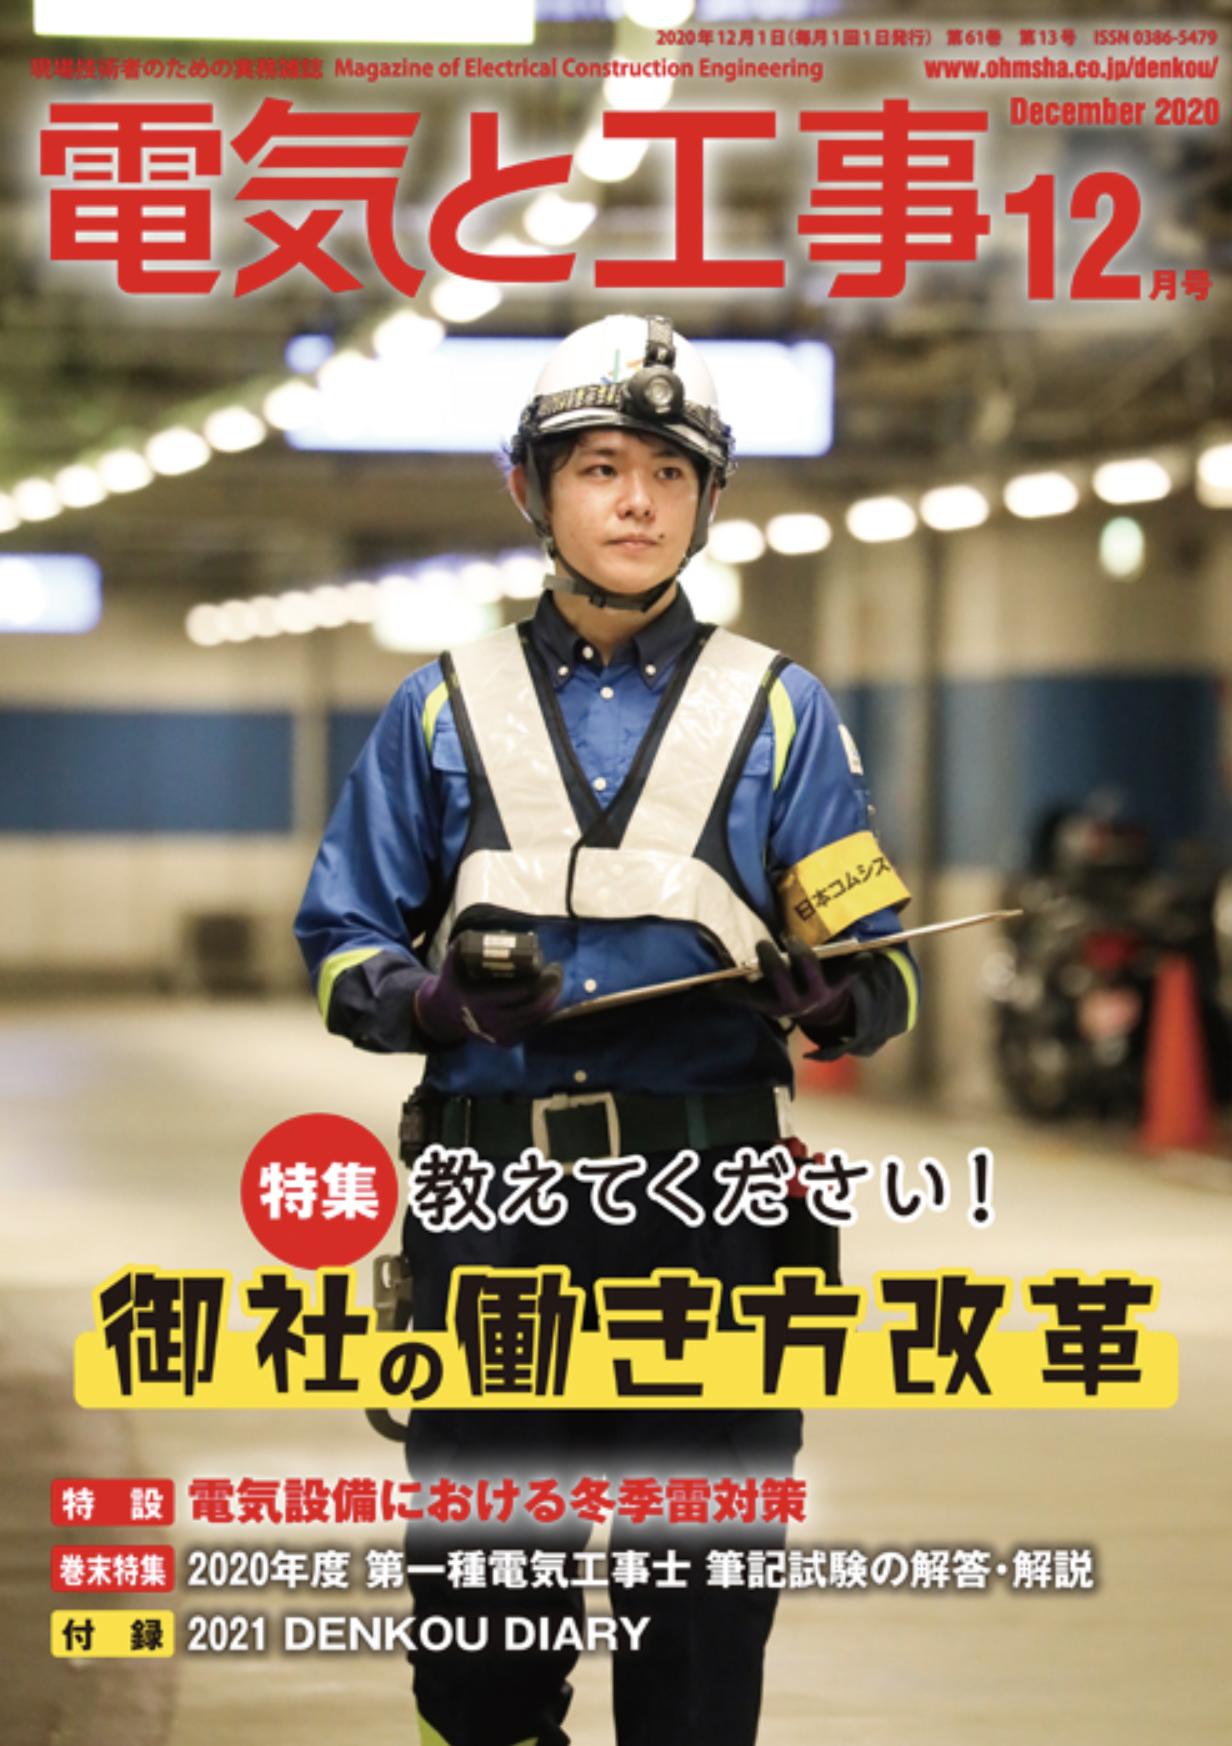 【新刊トピックス 2020年11月】電気と工事 2020年12月号 (第61巻第13号通巻807号)の画像